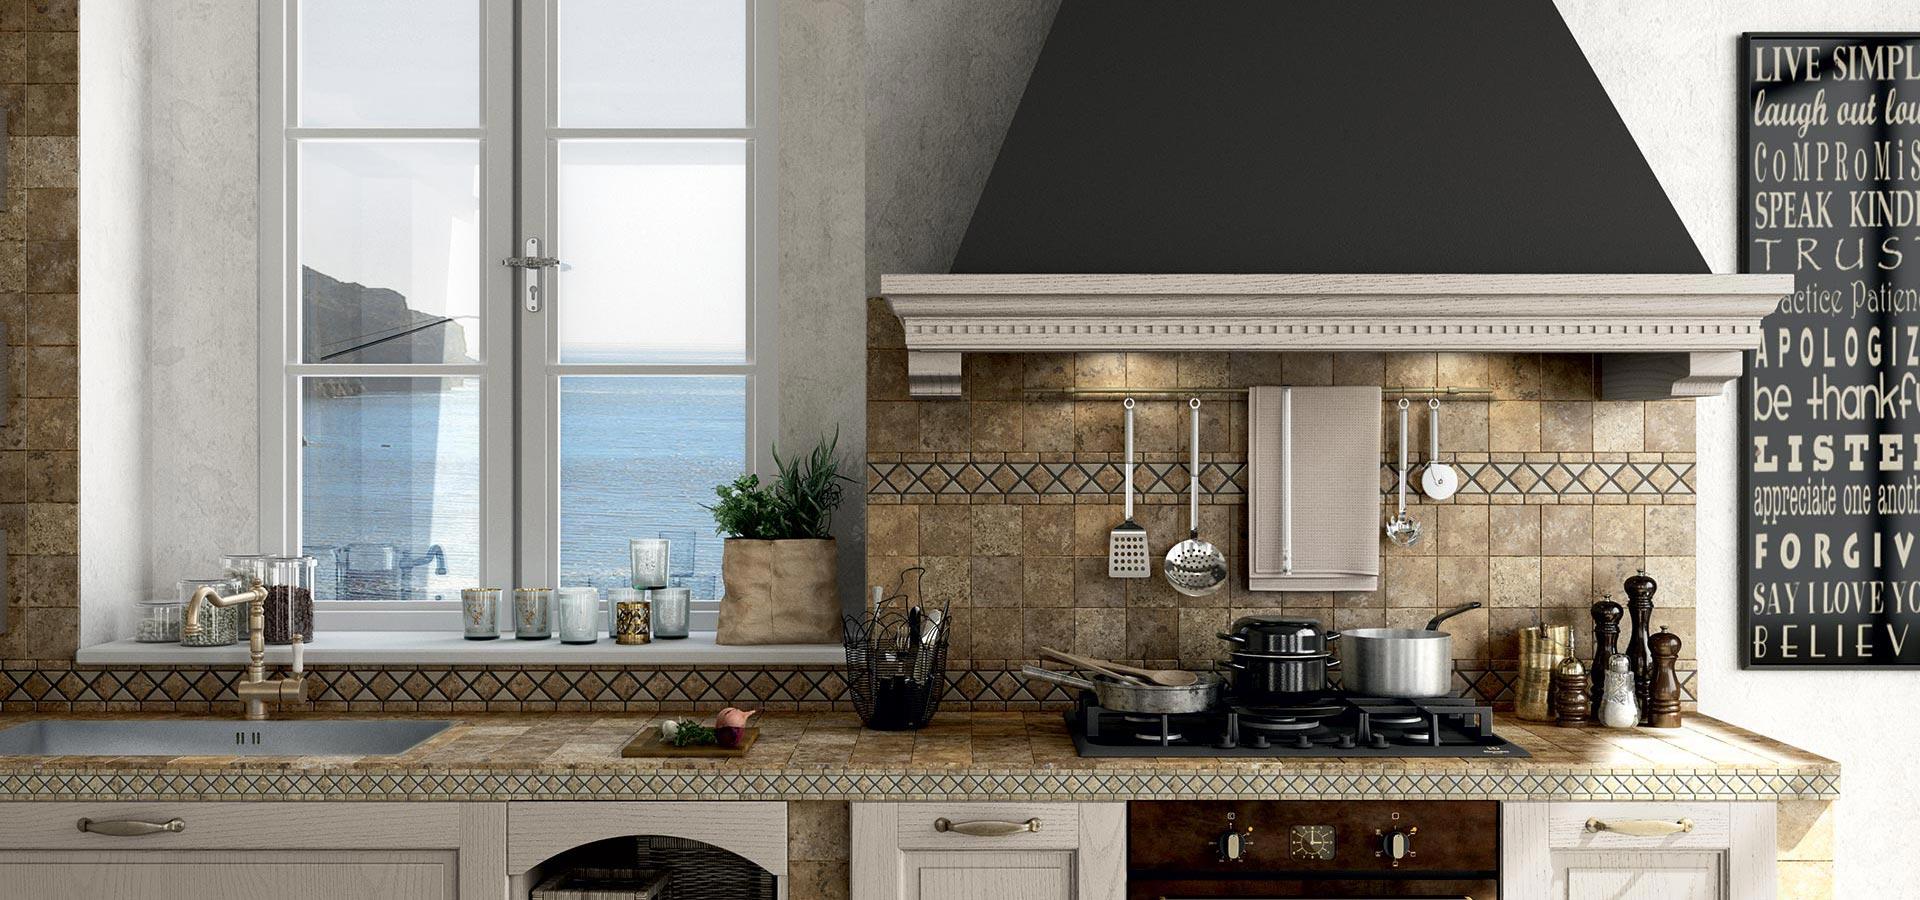 Un grande showroom per le cucine in muratura a Torino - Lartedinnovare